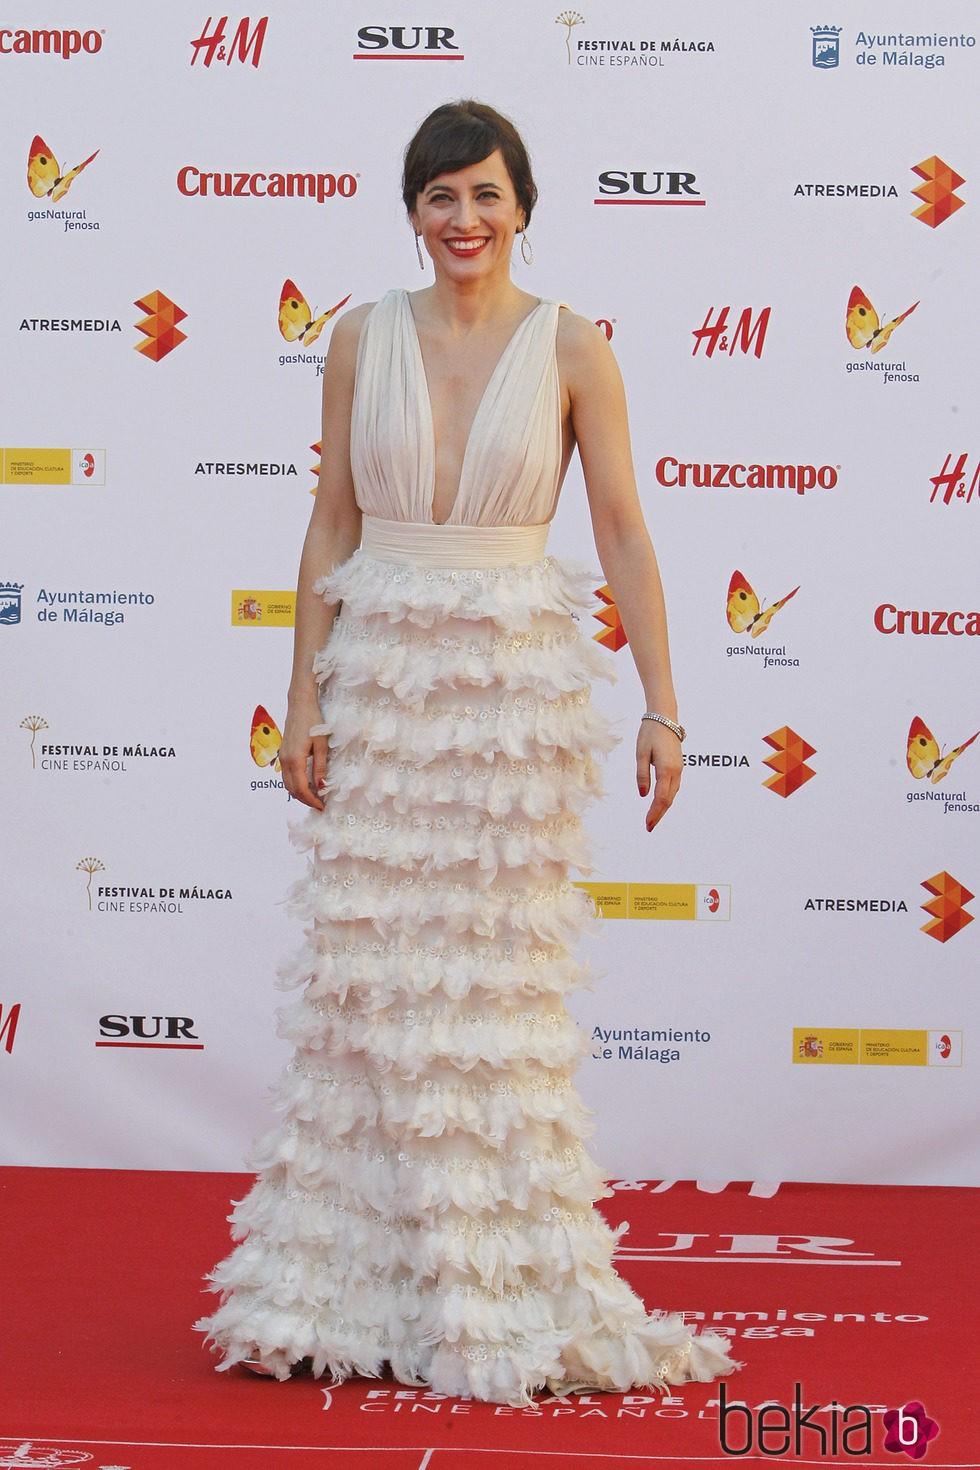 Ana Turpin en la inauguración del Festival de Málaga 2015